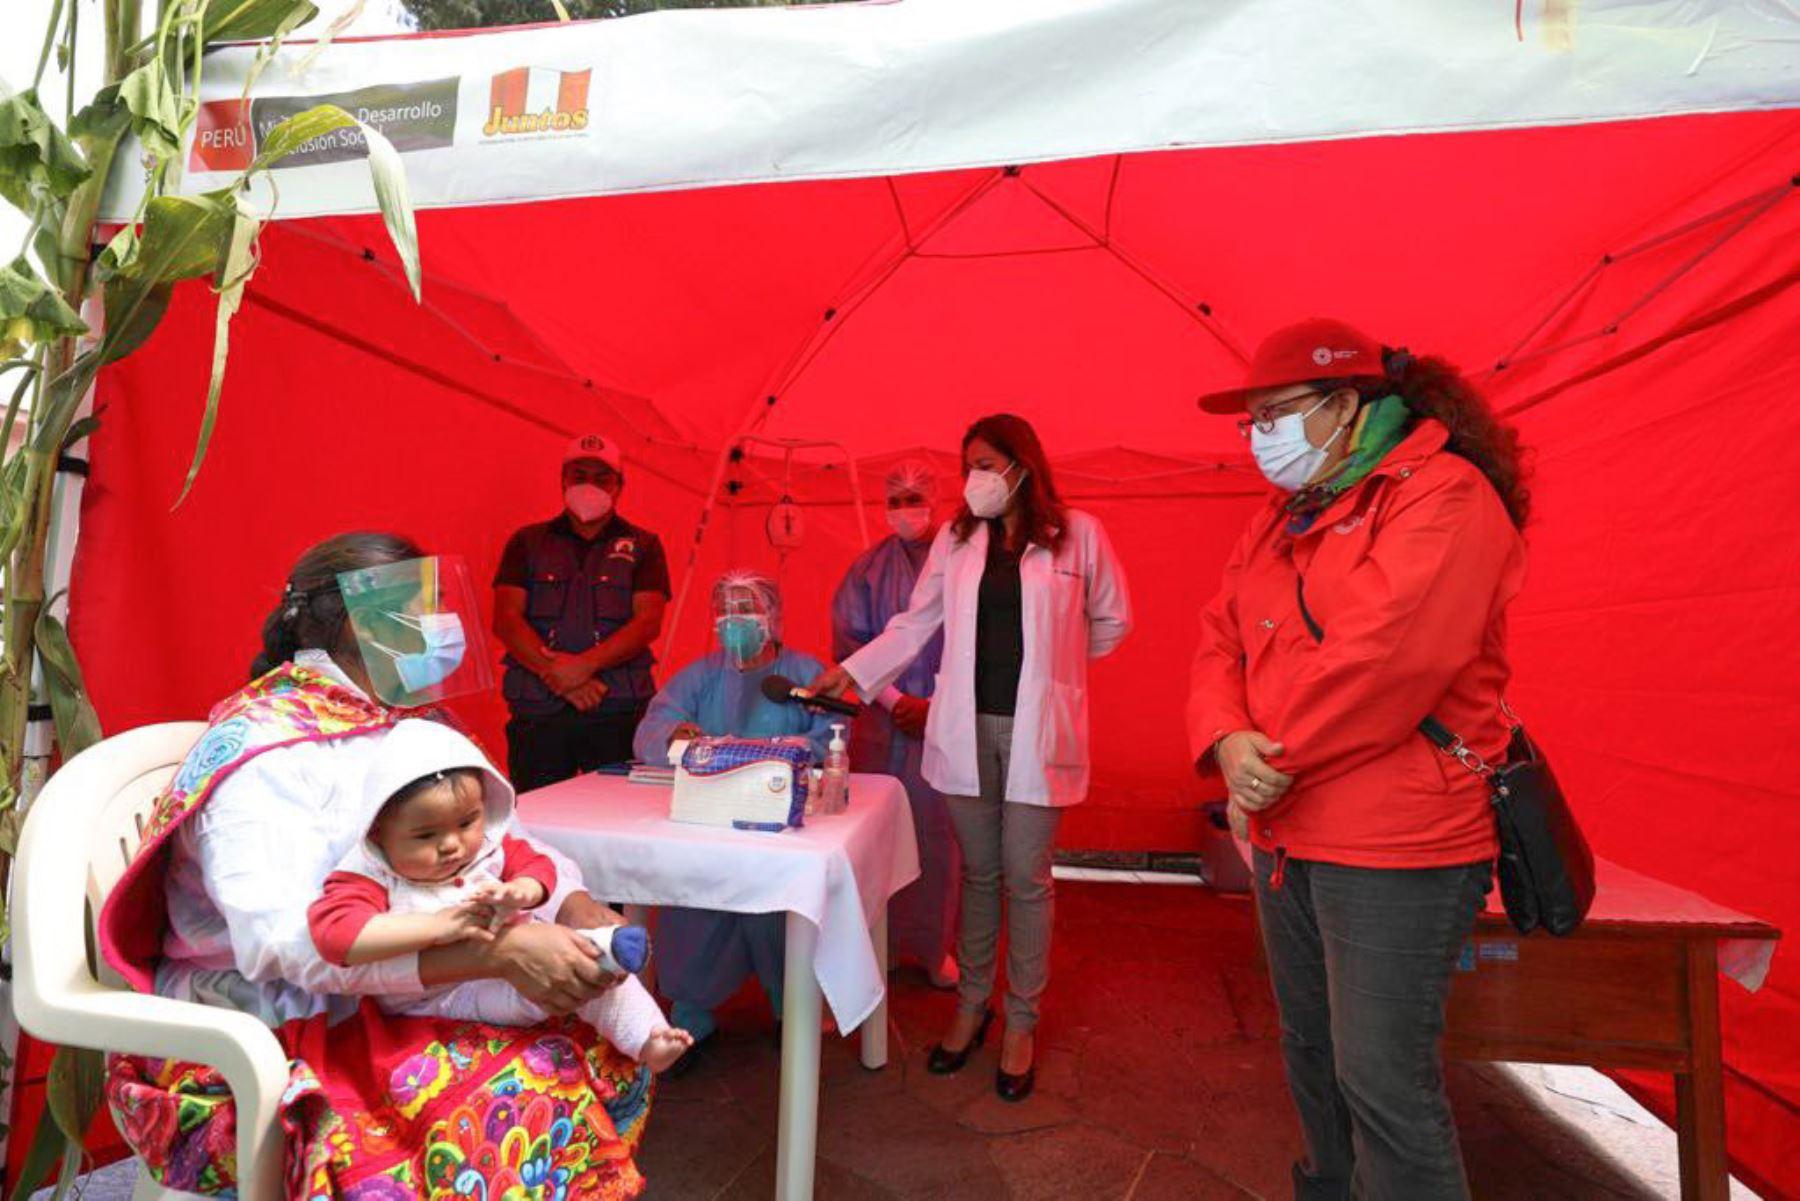 Ministra de Desarrollo e Inclusión Social, Silvana Vargas supervisa el trabajo articulado del programa Cuna Más y el ministerio de Salud  para promover acceso servicios priorizados. Foto : Midis